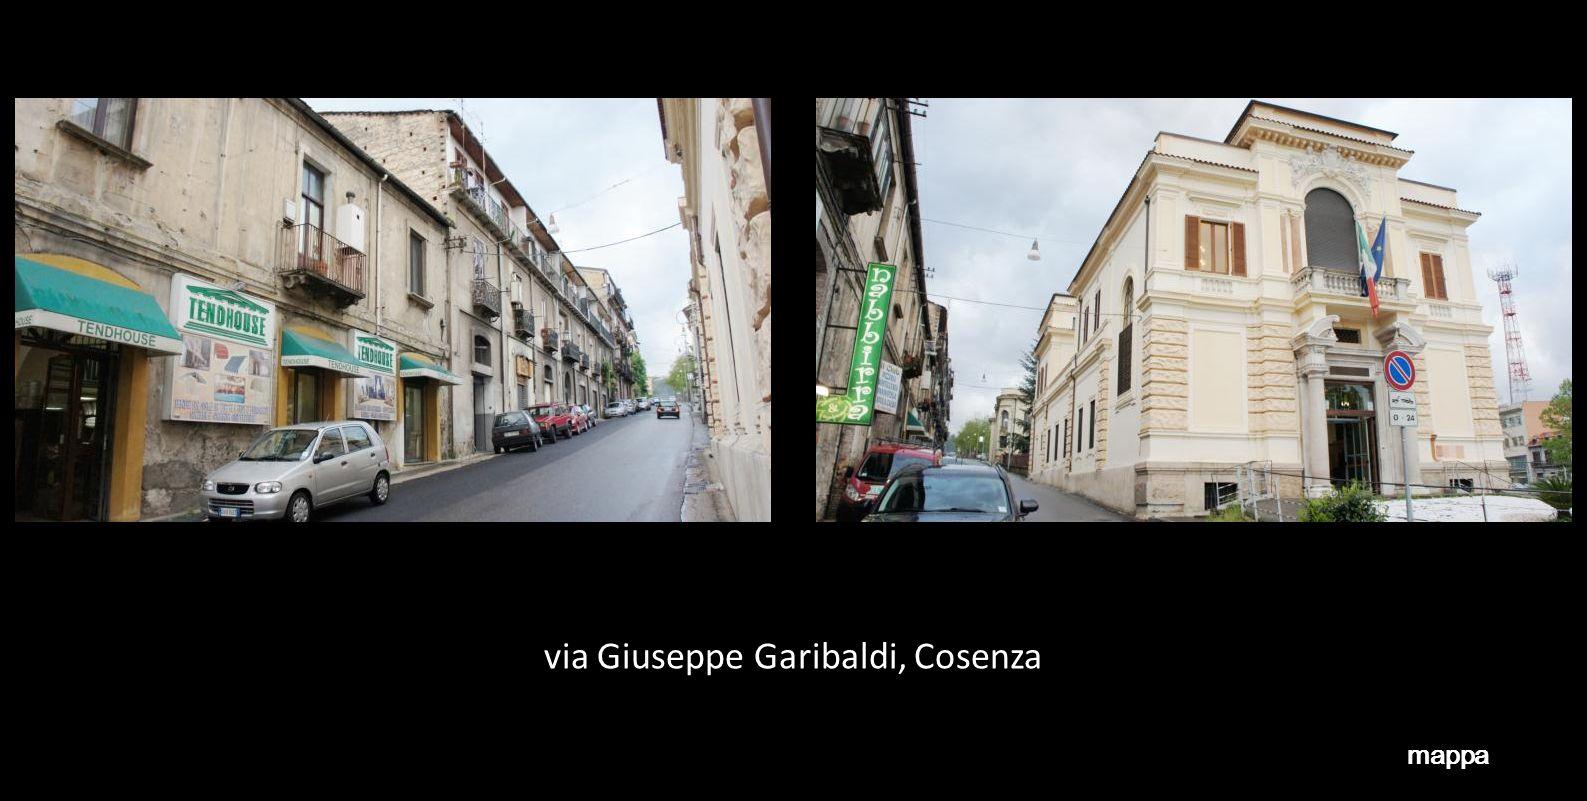 via Davide Andreotti, Cosenza mappa